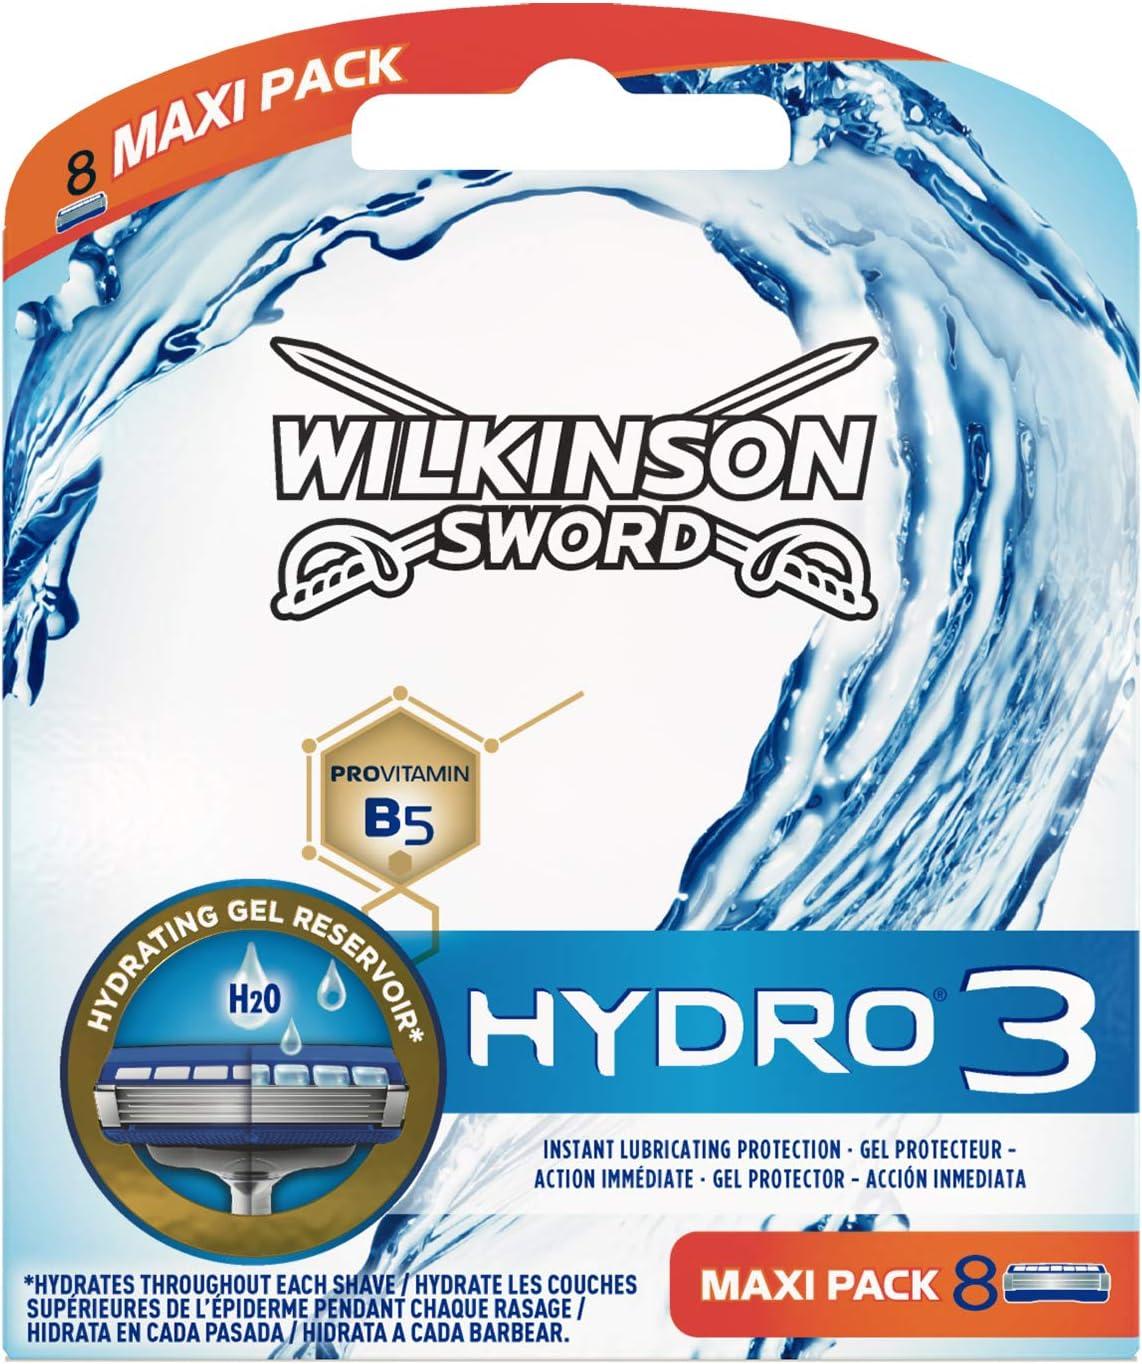 Wilkinson Sword Hydro 3 - Cargador de 8 cuchillas de afeitar masculinas de tres hojas Hydro 3 con dosificador de gel para una maxima hidratacion